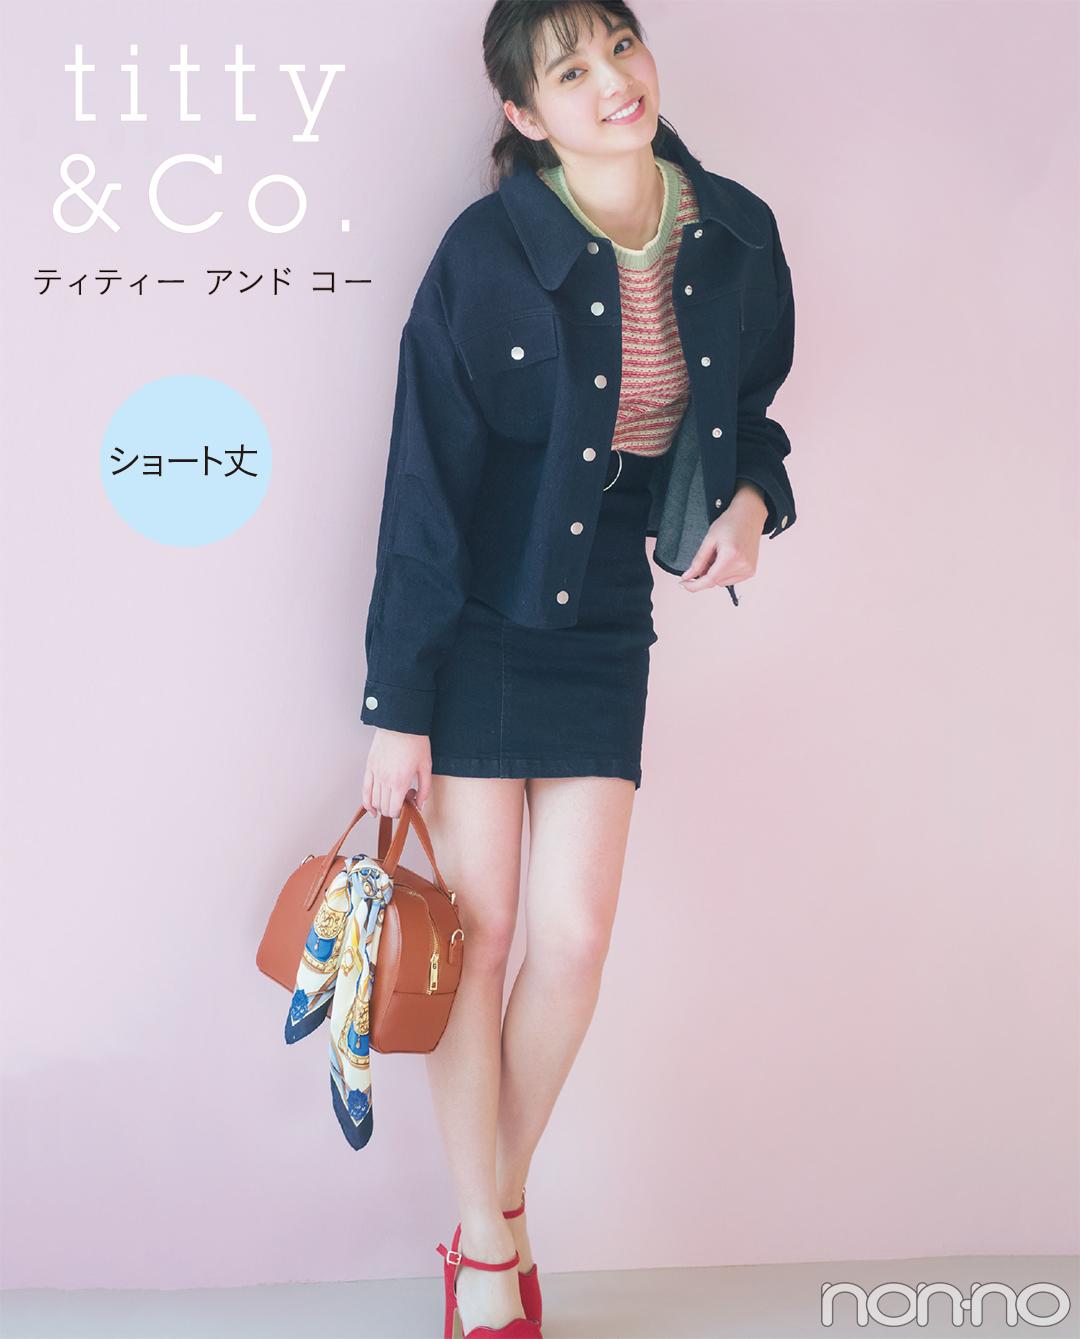 新川優愛が着る「titty&Co.」のGジャン、新作は濃紺×ショート丈でトレンド感満載!_1_1